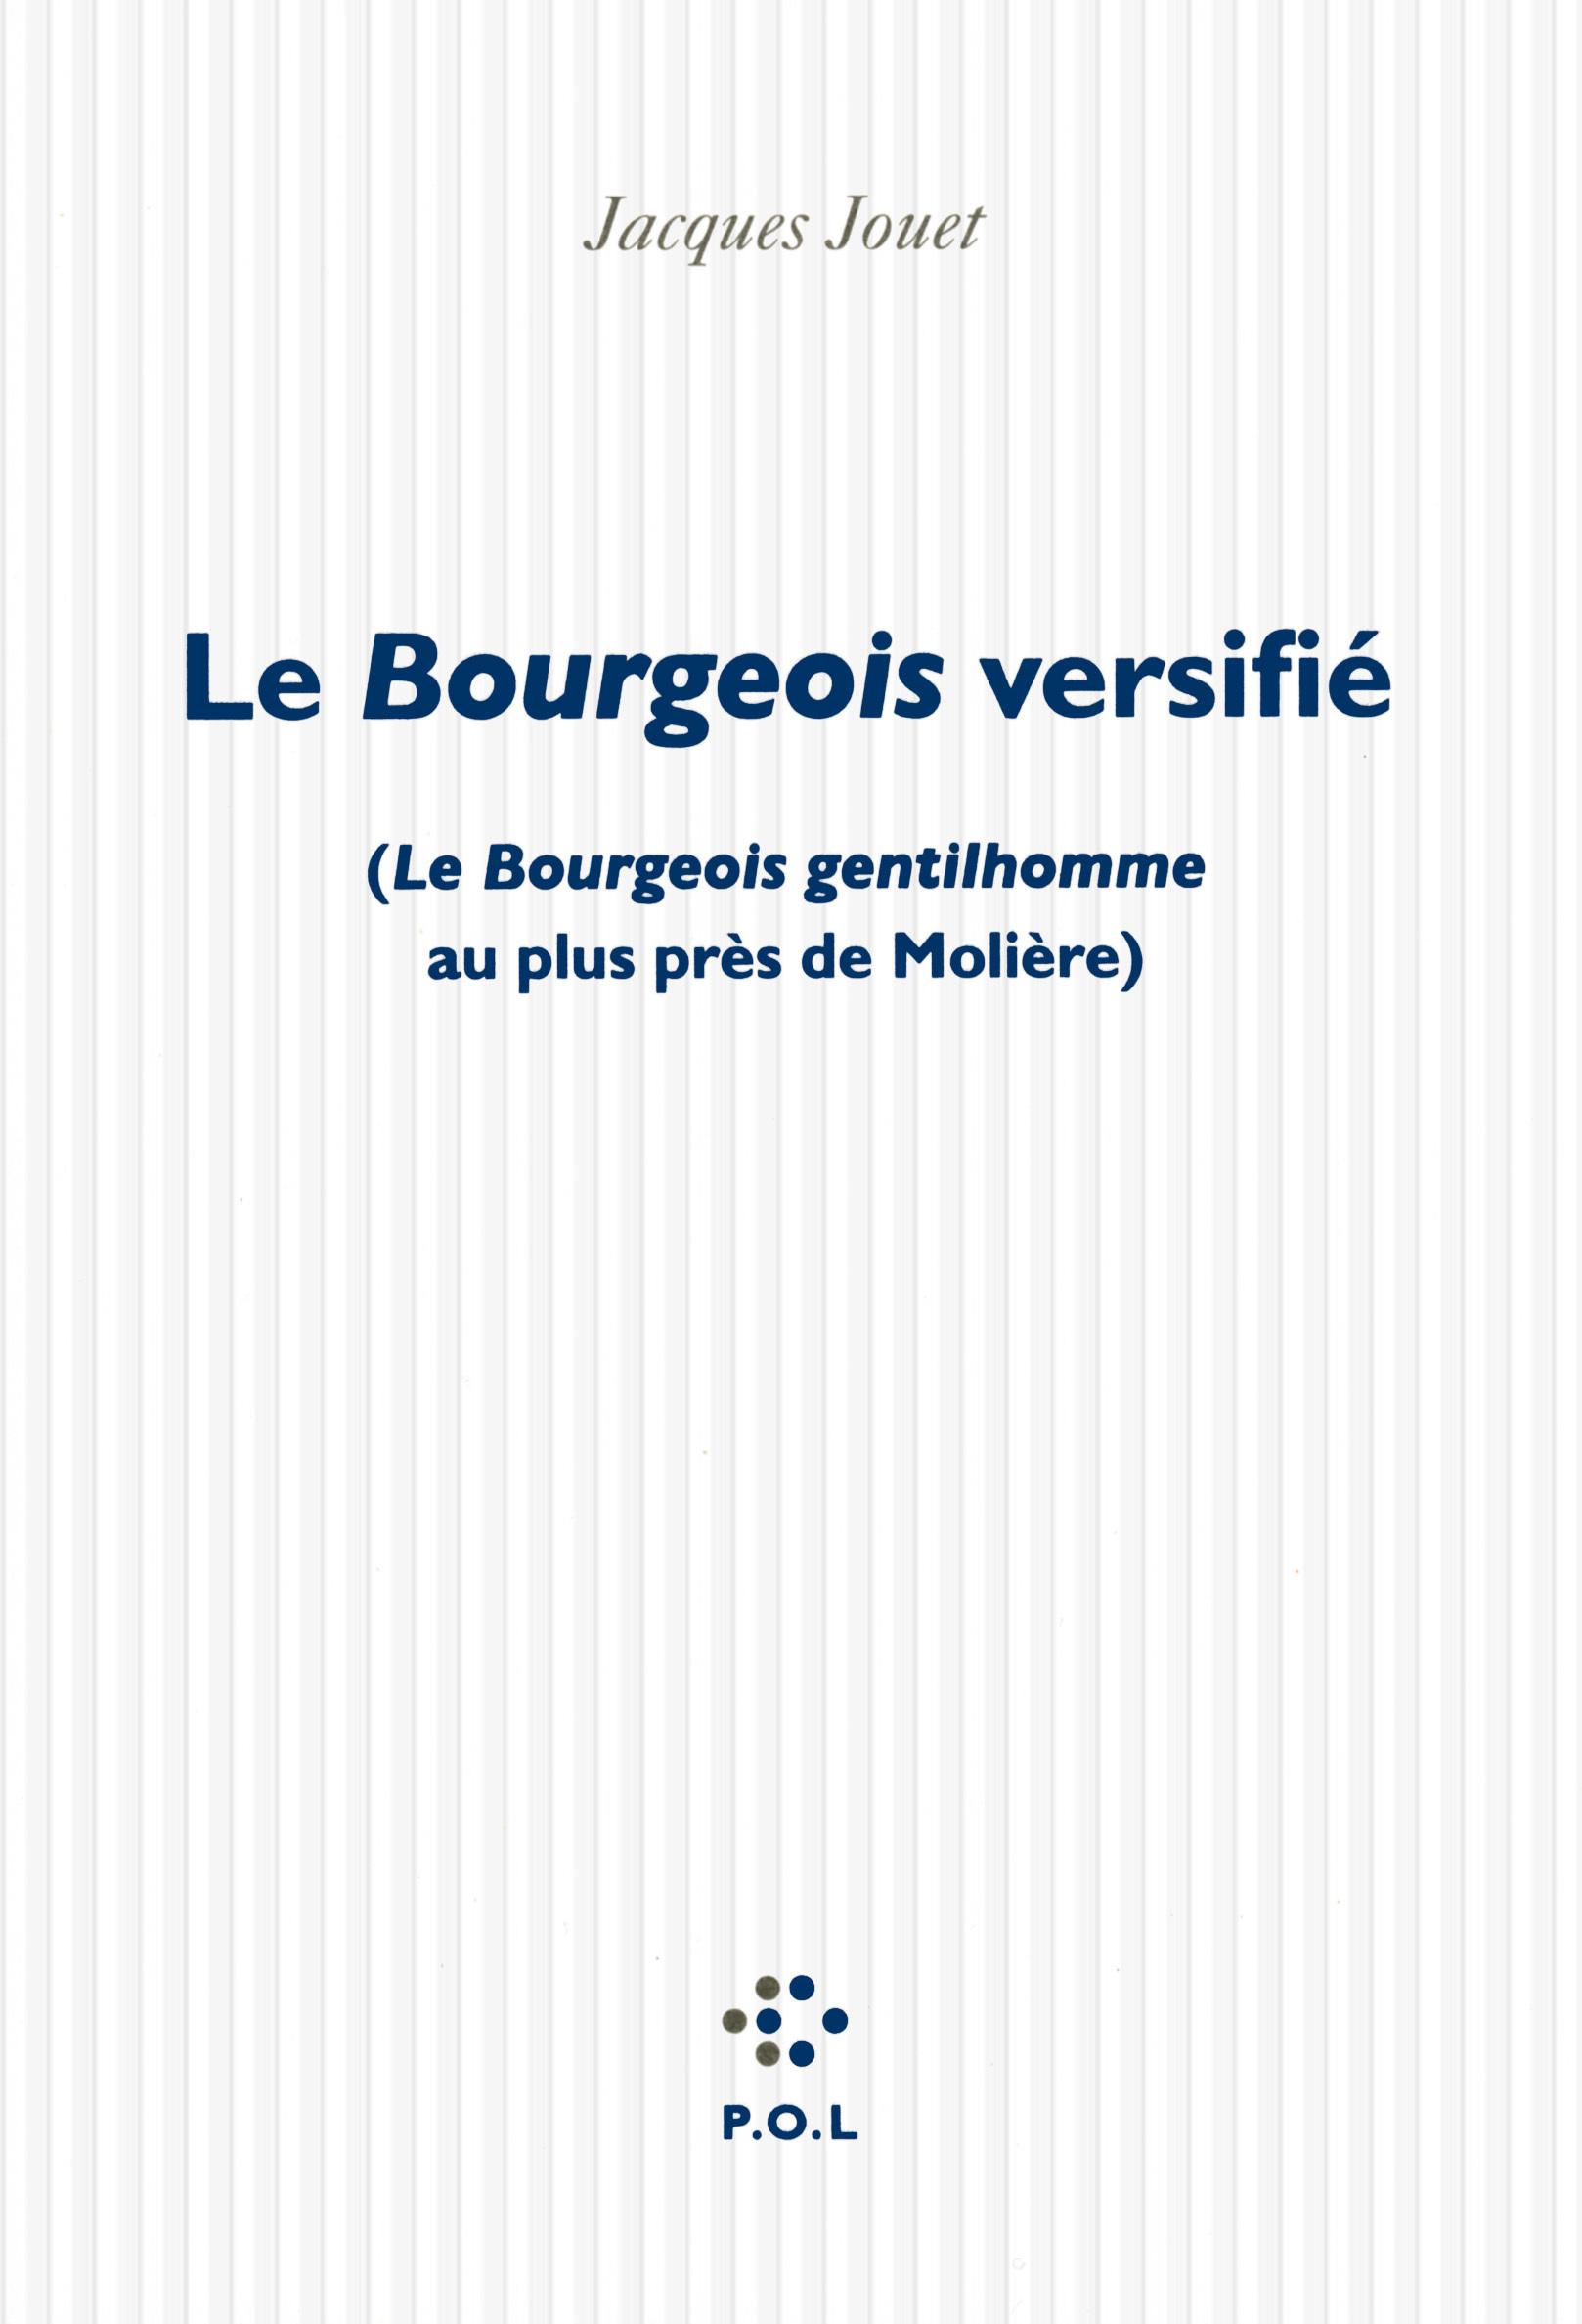 LE BOURGEOIS VERSIFIE - ( LE BOURGEOIS GENTILHOMME  AU PLUS PRES DE MOLIERE)